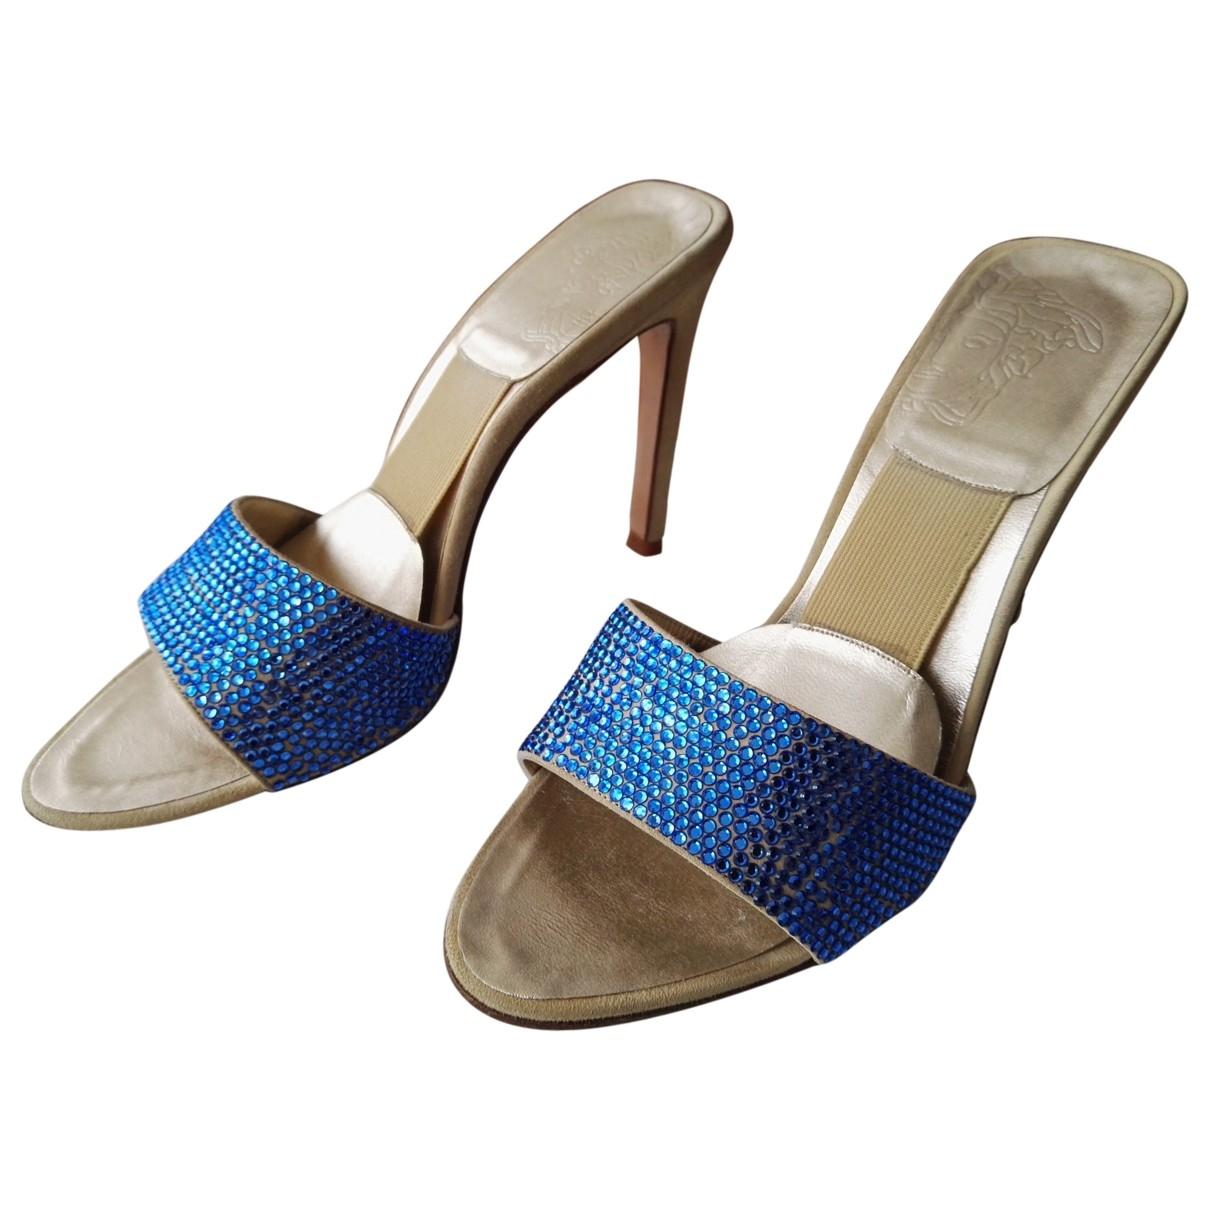 Gianni Versace - Sandales   pour femme en a paillettes - bleu